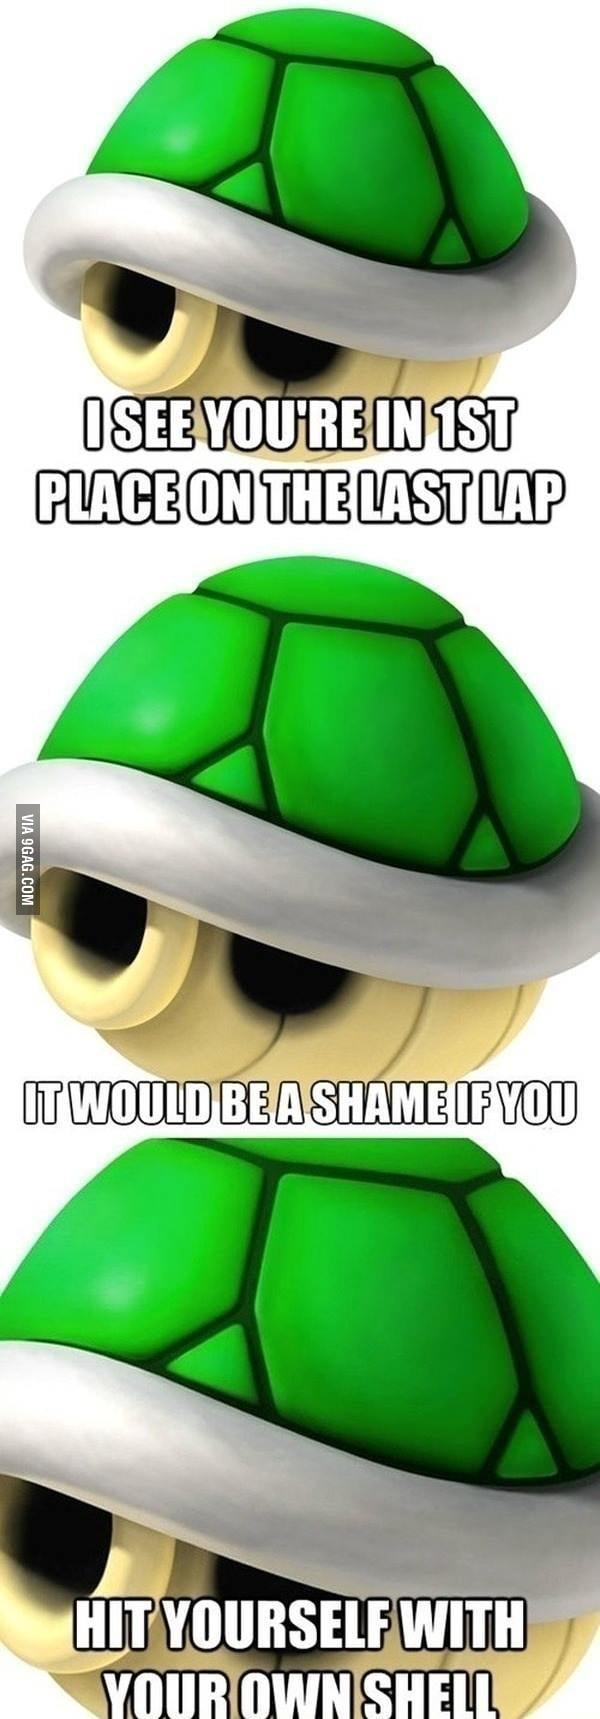 Mario Kart rage